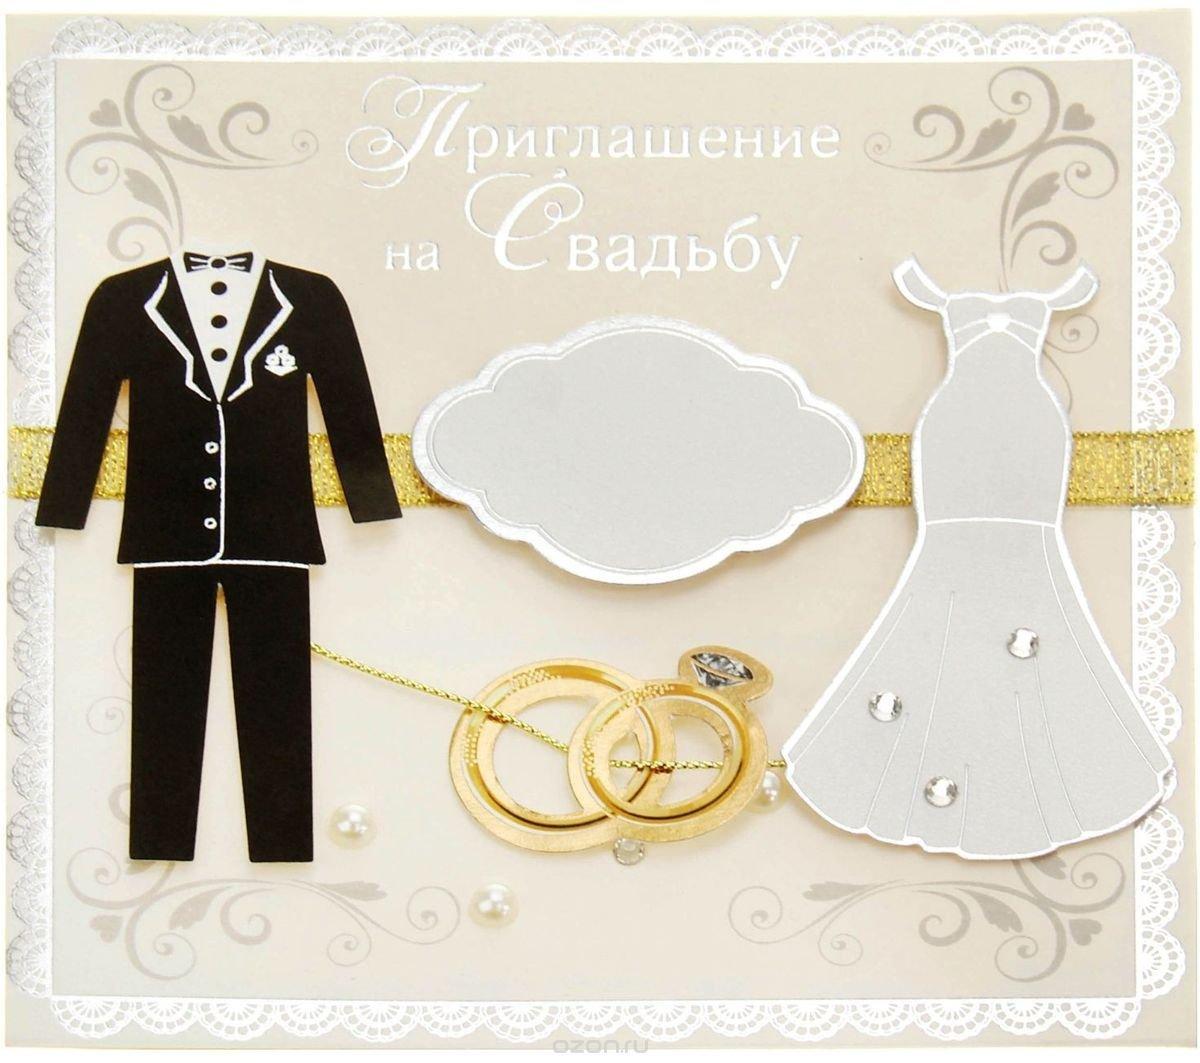 Свадьба открытка распечатать, подарить